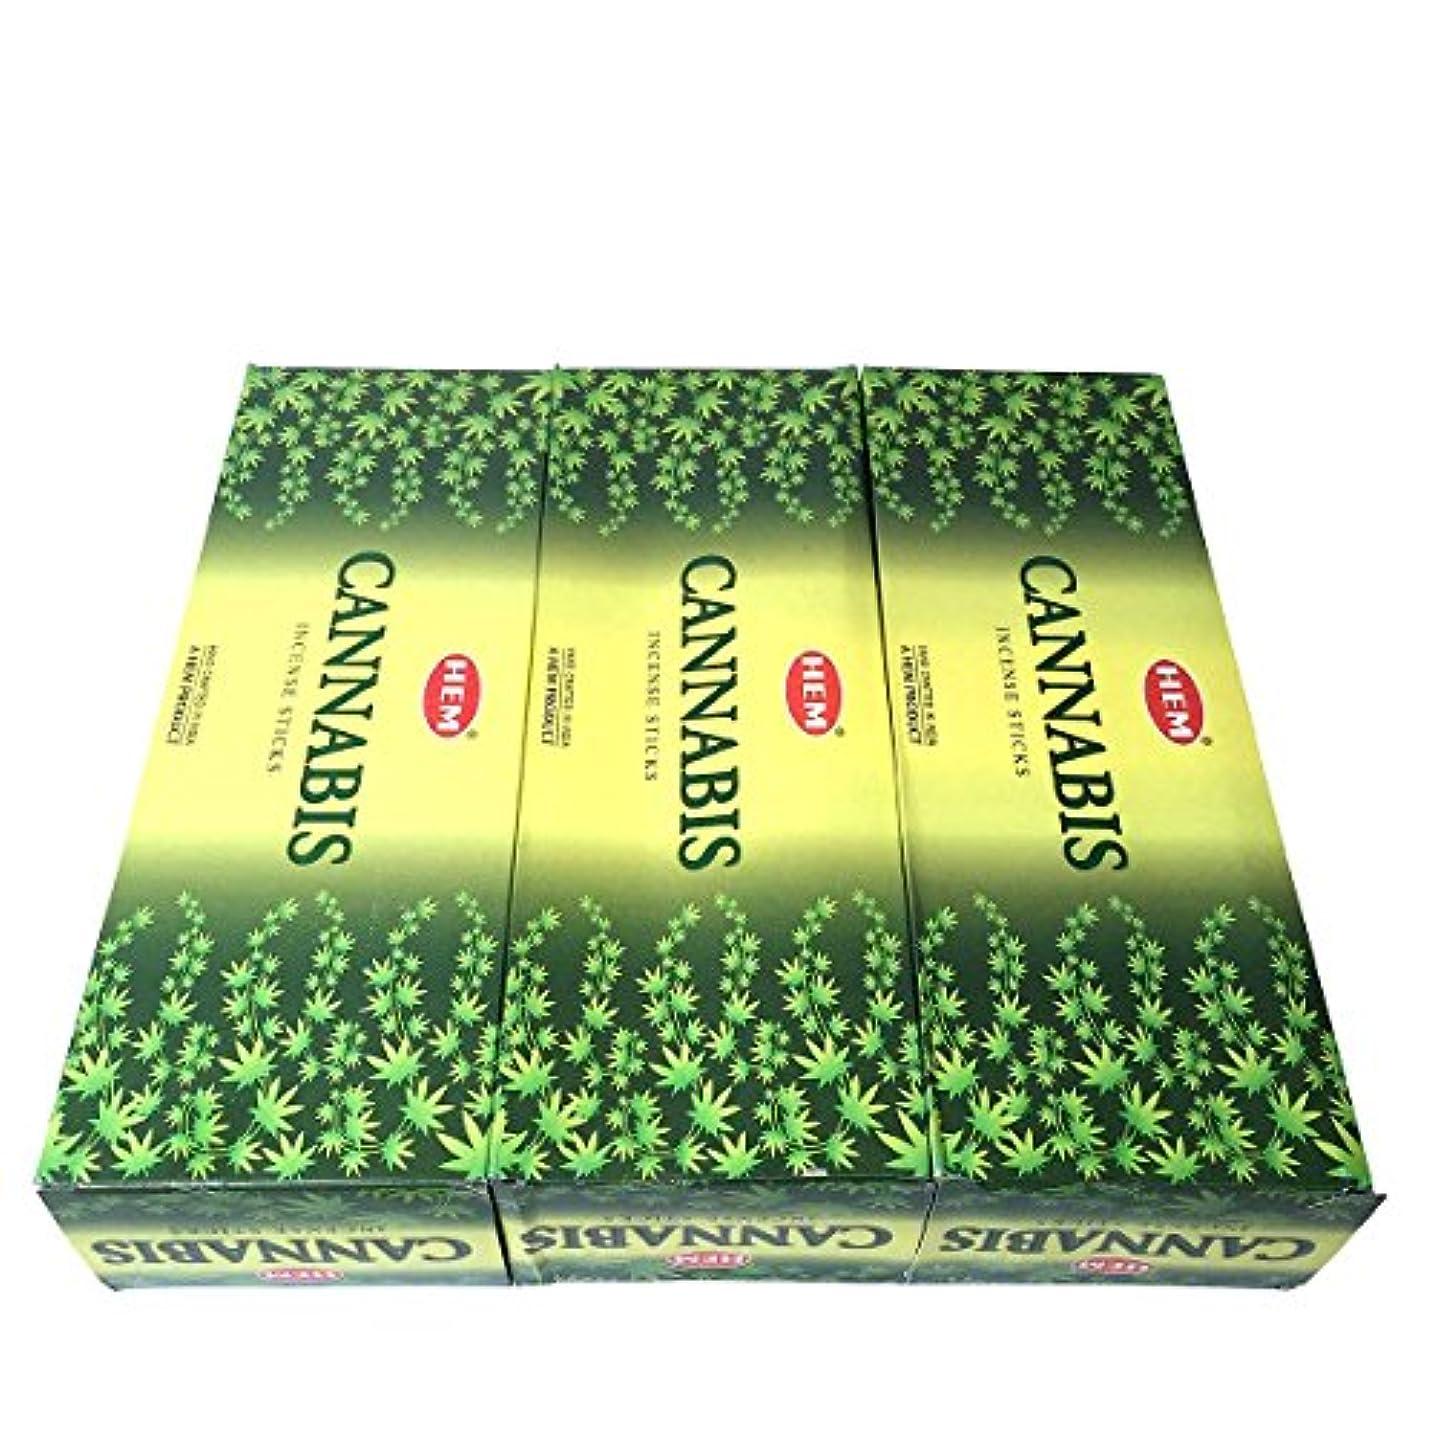 取り壊す規制する刻むカナビス香スティック 3BOX(18箱) /HEM CANNABIS/インセンス/インド香 お香 [並行輸入品]